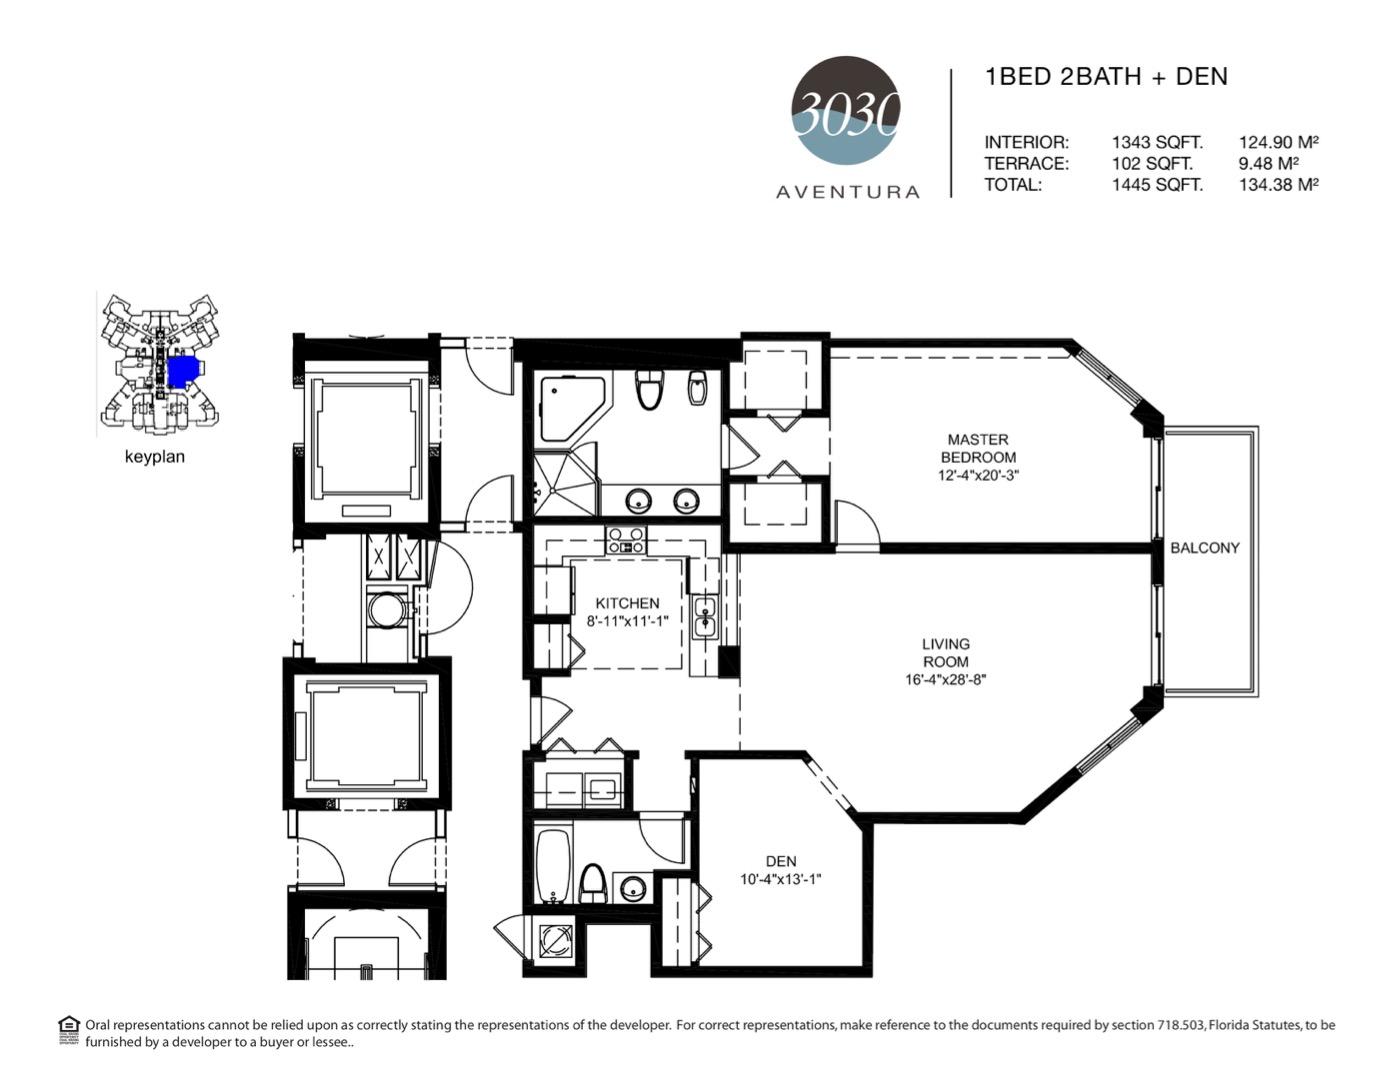 Floor plan image 01 - 1 + Den / 2  - 1445 sqft image